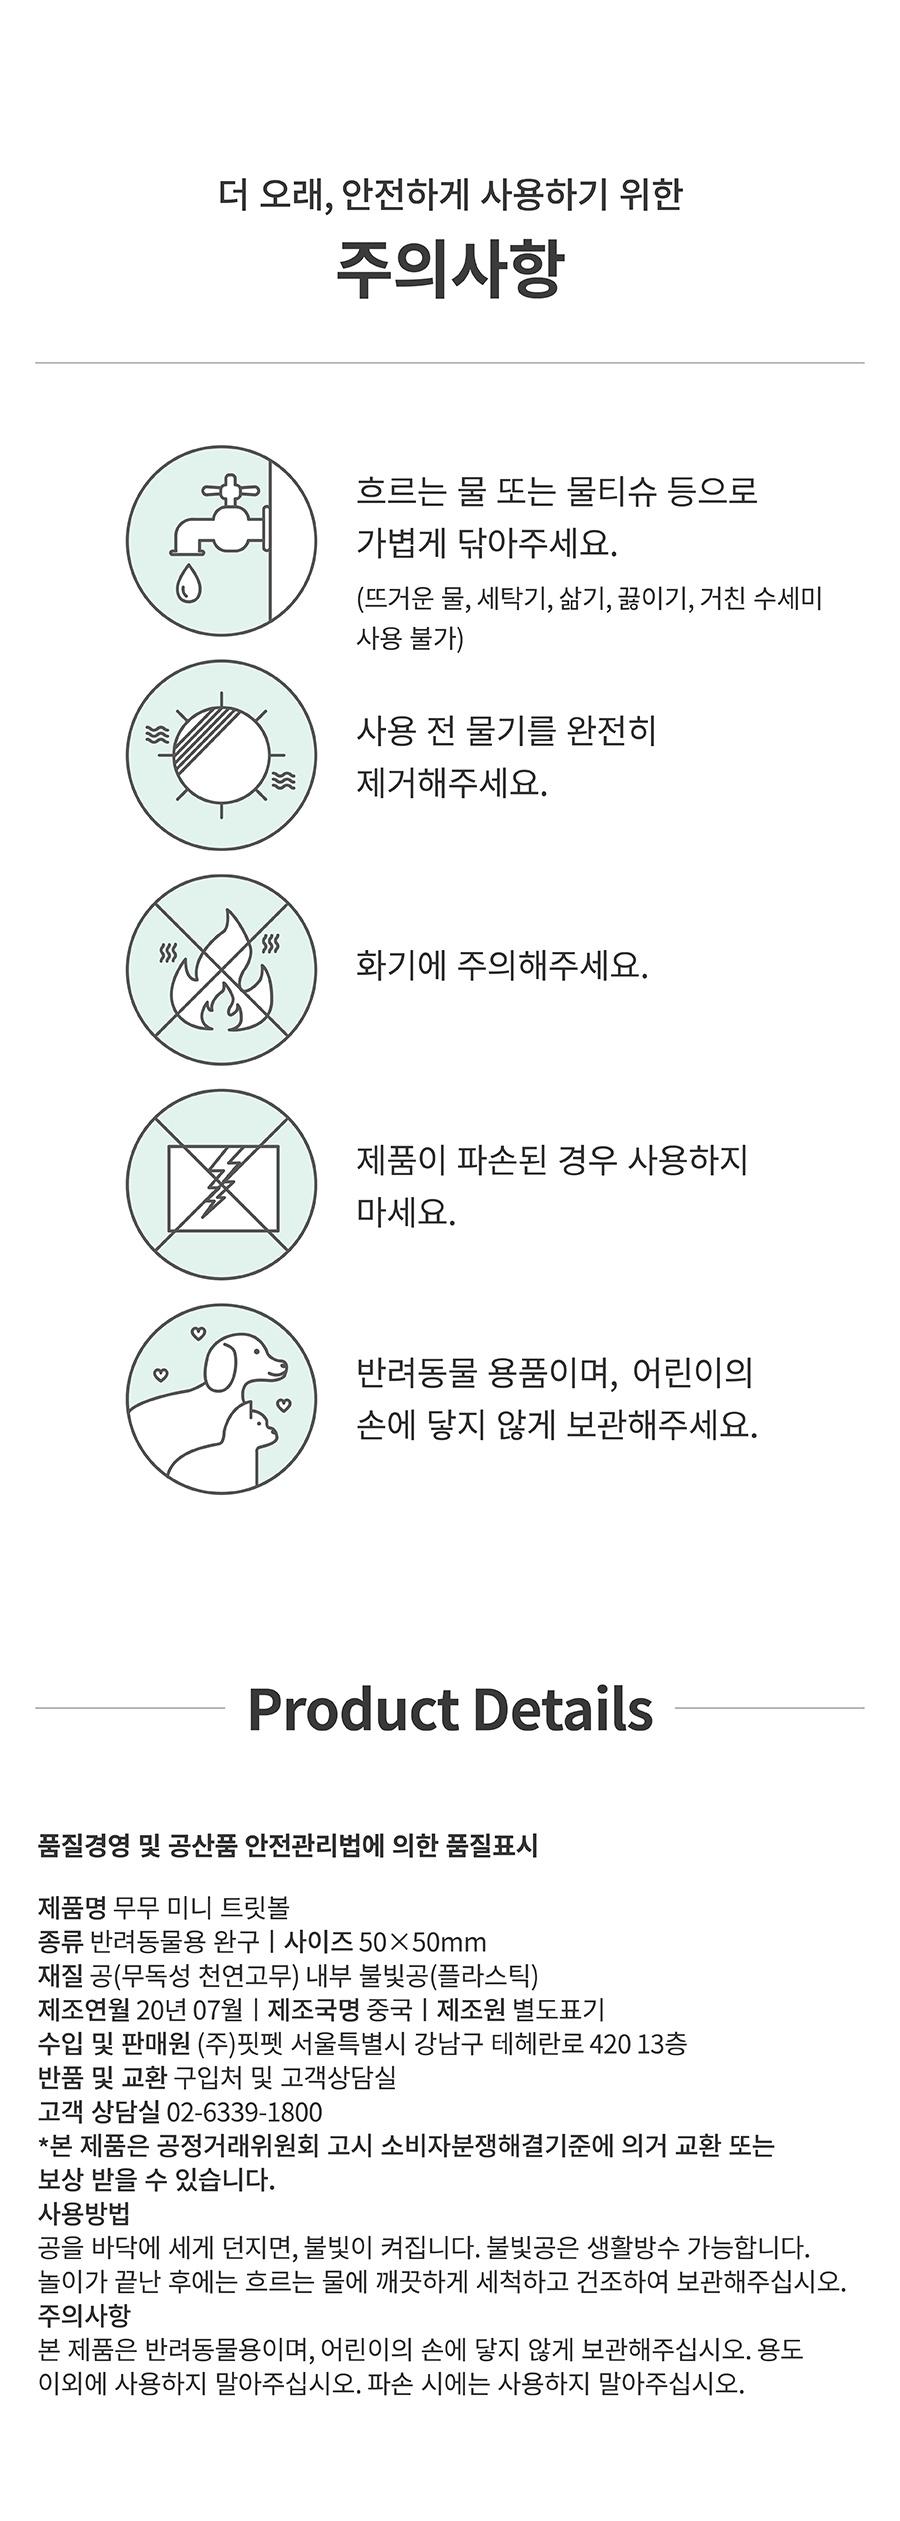 무무 노즈워크 미니 트릿볼 (오렌지/블루)-상품이미지-10